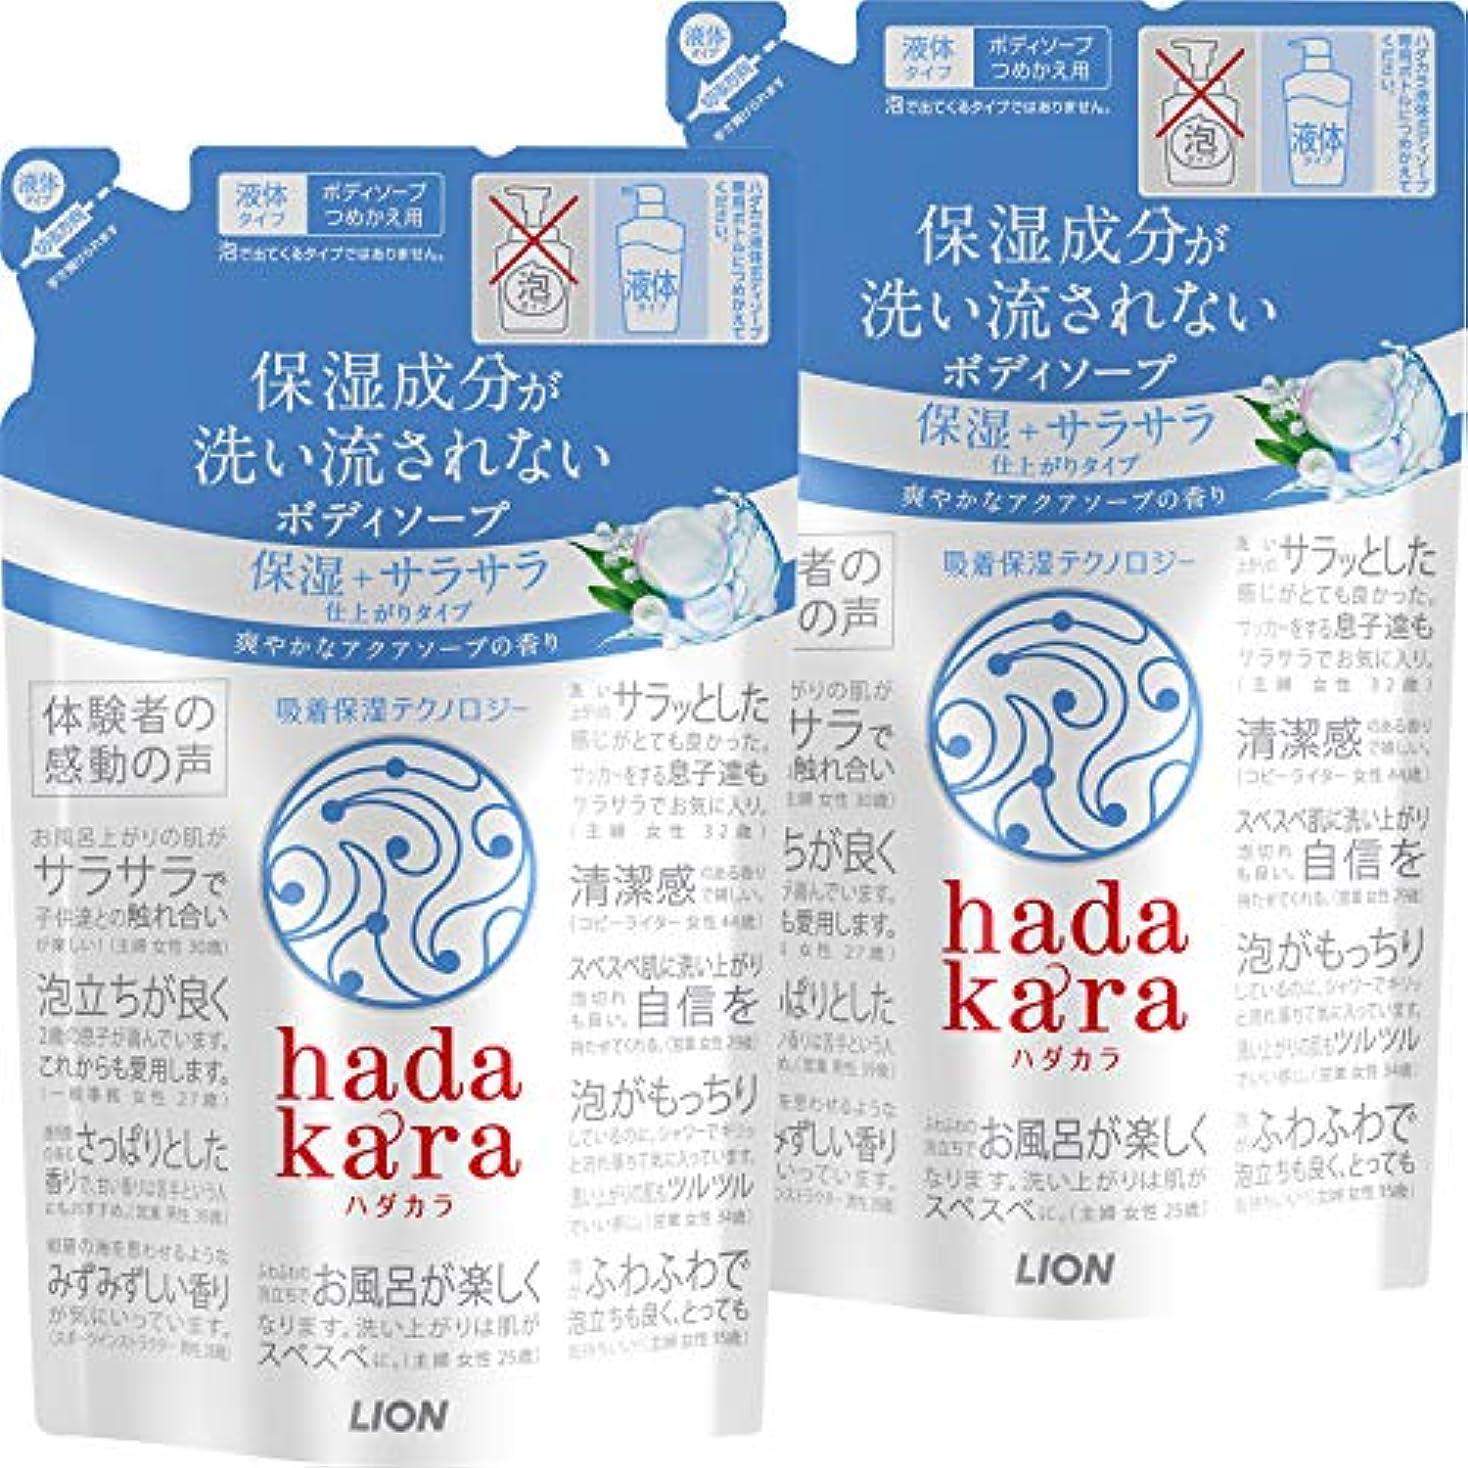 書き込み名前で降伏【まとめ買い】hadakara(ハダカラ) ボディソープ 保湿+サラサラ仕上がりタイプ アクアソープの香り 詰め替え 340ml×2個パック